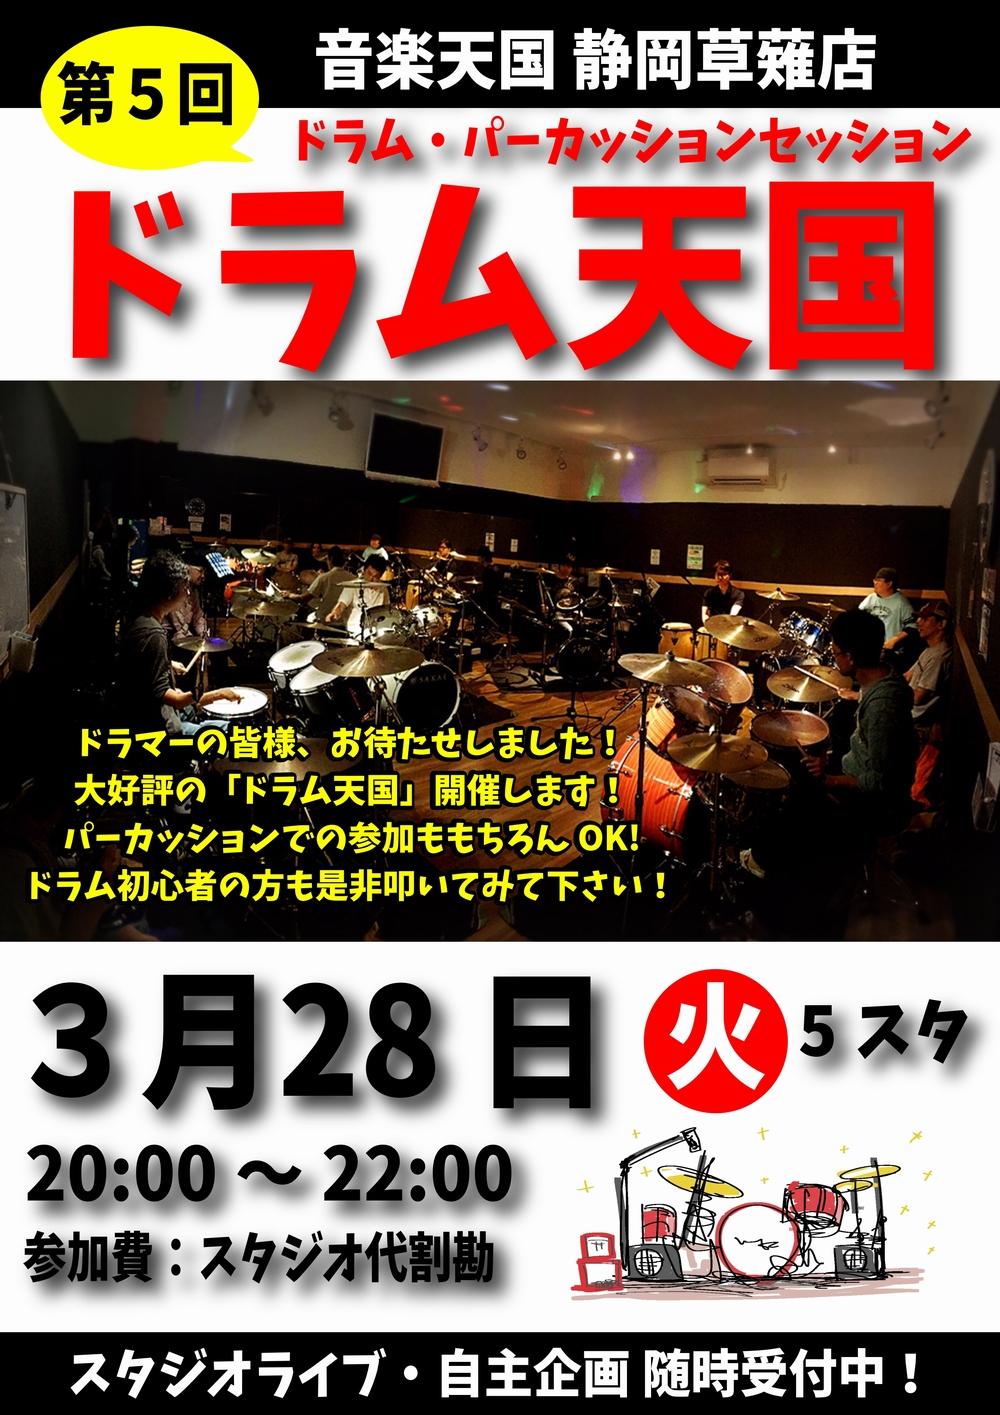 【ドラム天国】音楽天国・静岡草薙店3月28日(火)開催